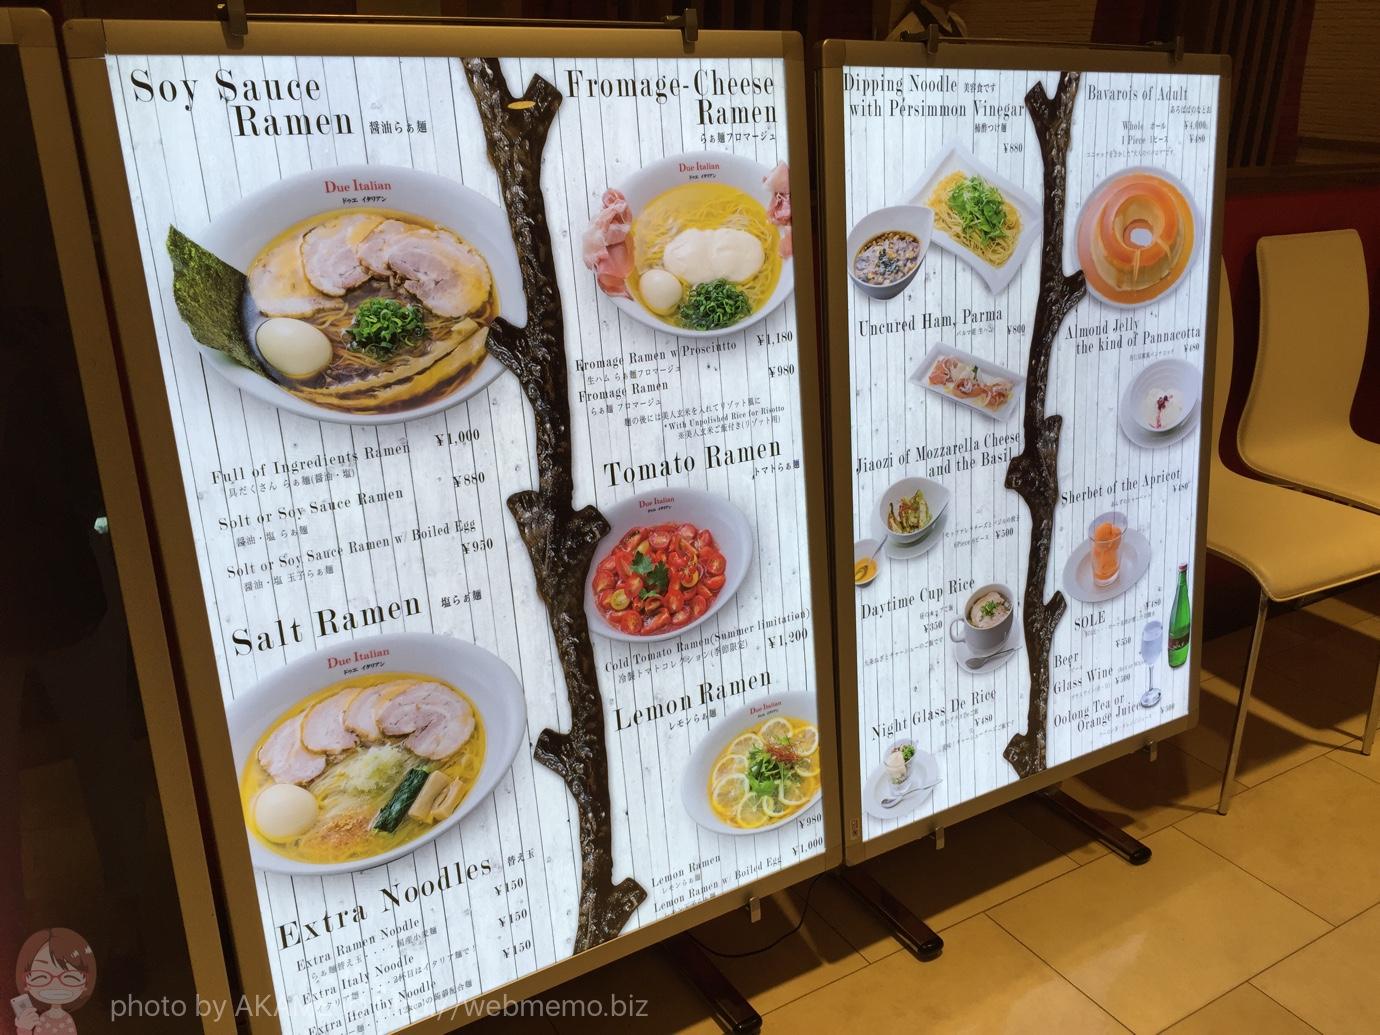 黄金の塩らぁ麺 ドゥエ イタリアン 横浜 店頭メニュー